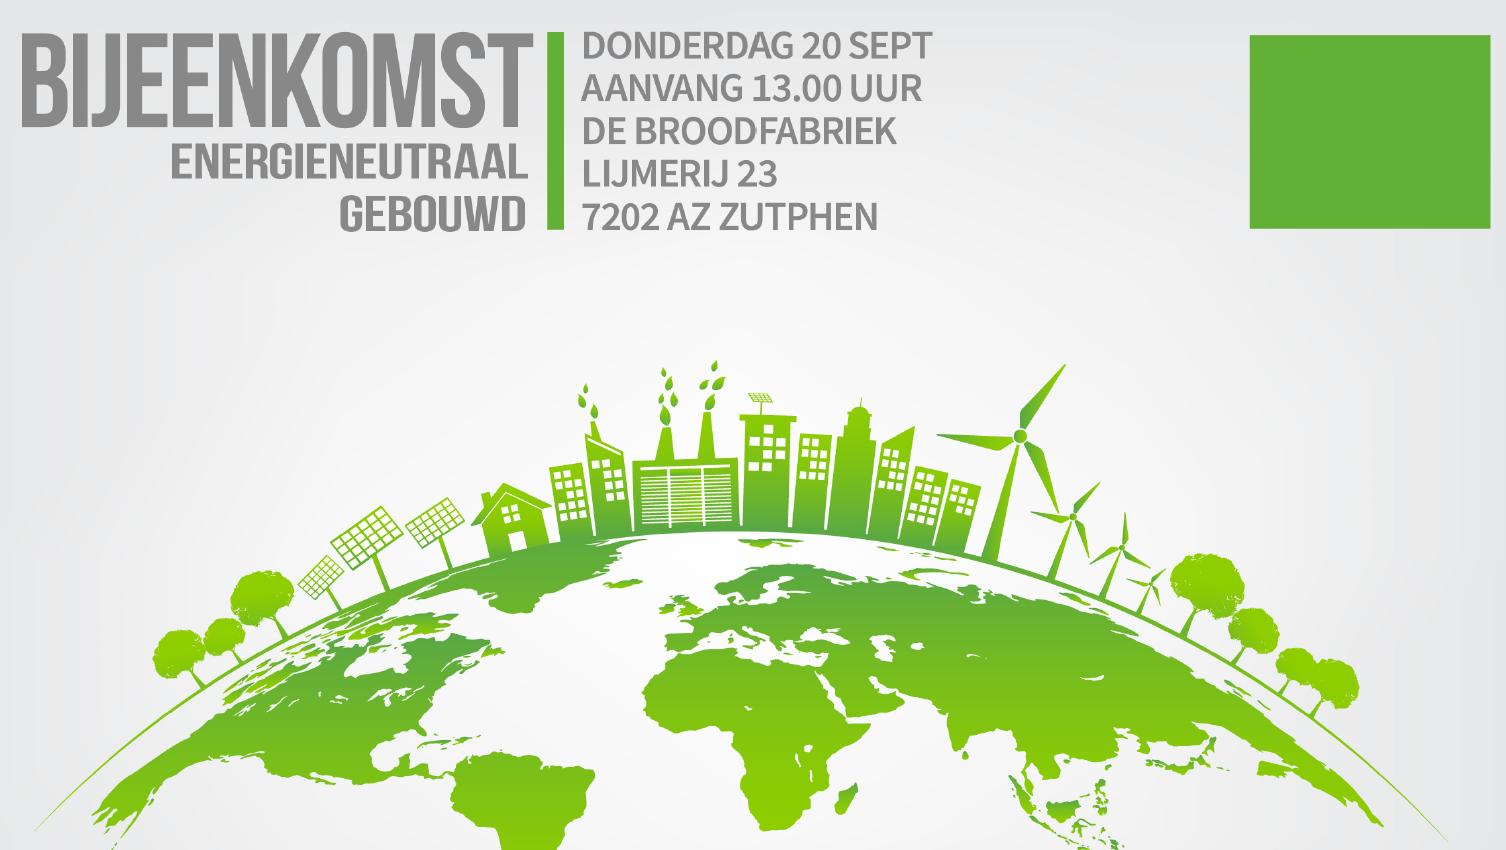 20 september: Bijeenkomst Energieneutraal Gebouwd